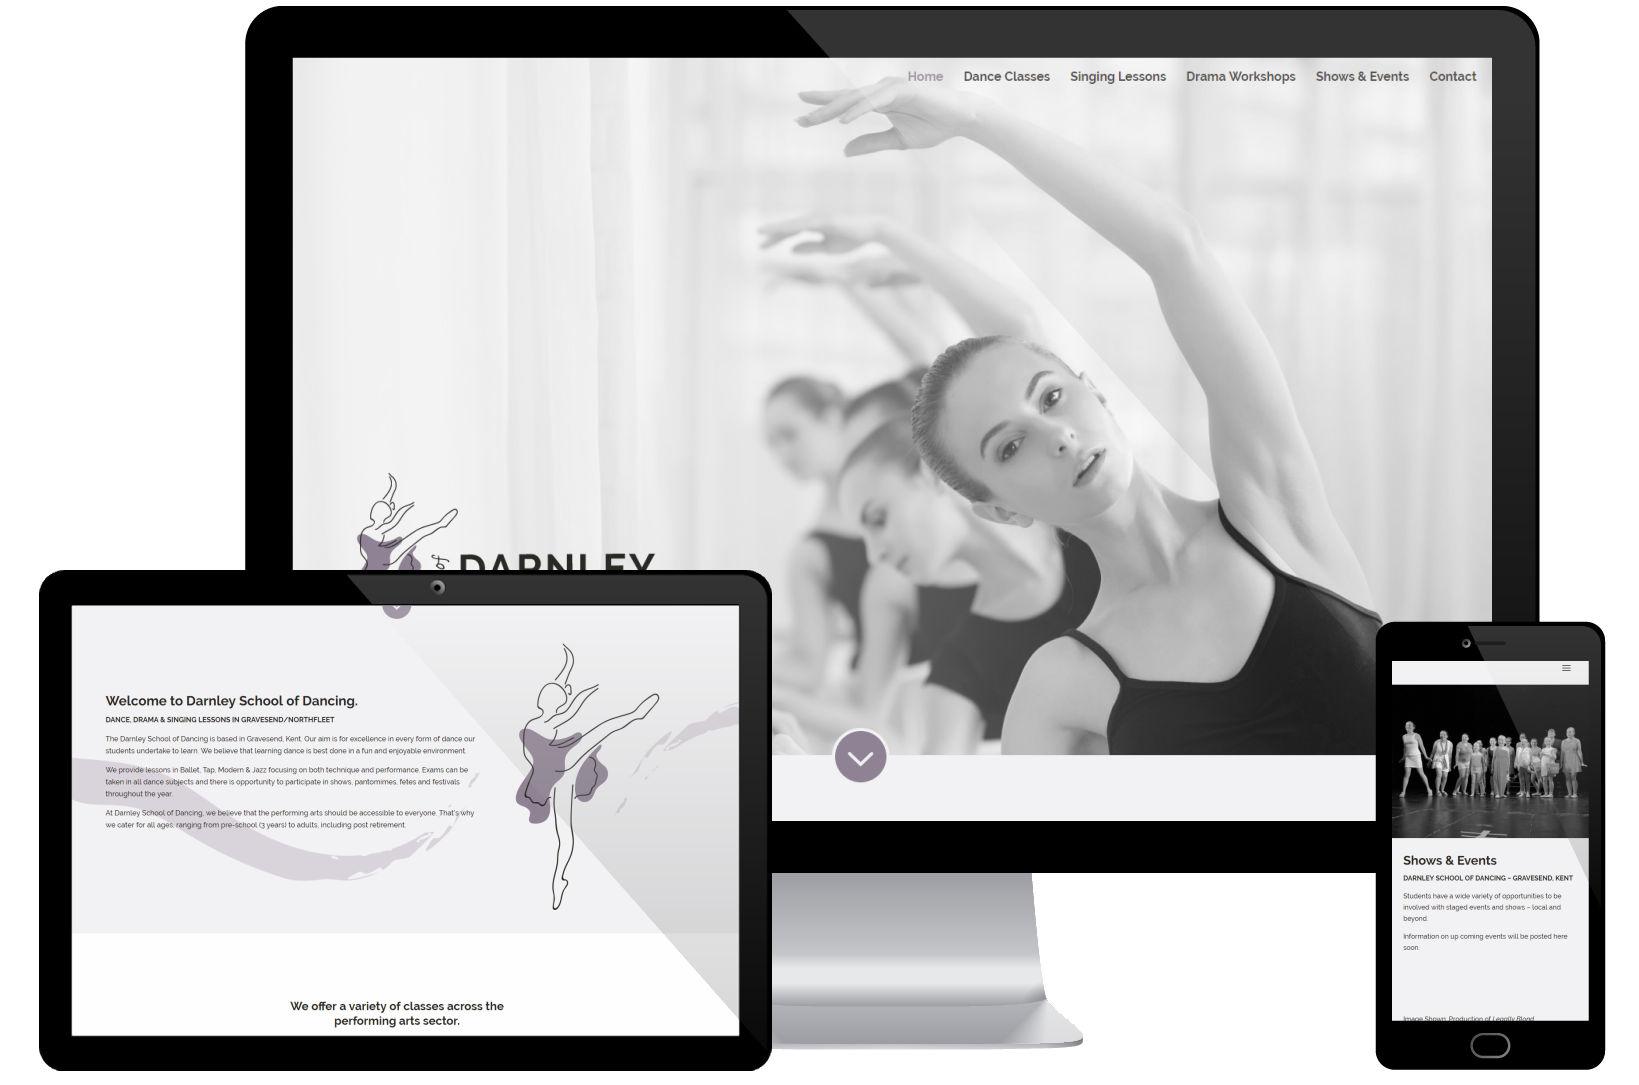 Website Screenshot - Darnley School of Dancing